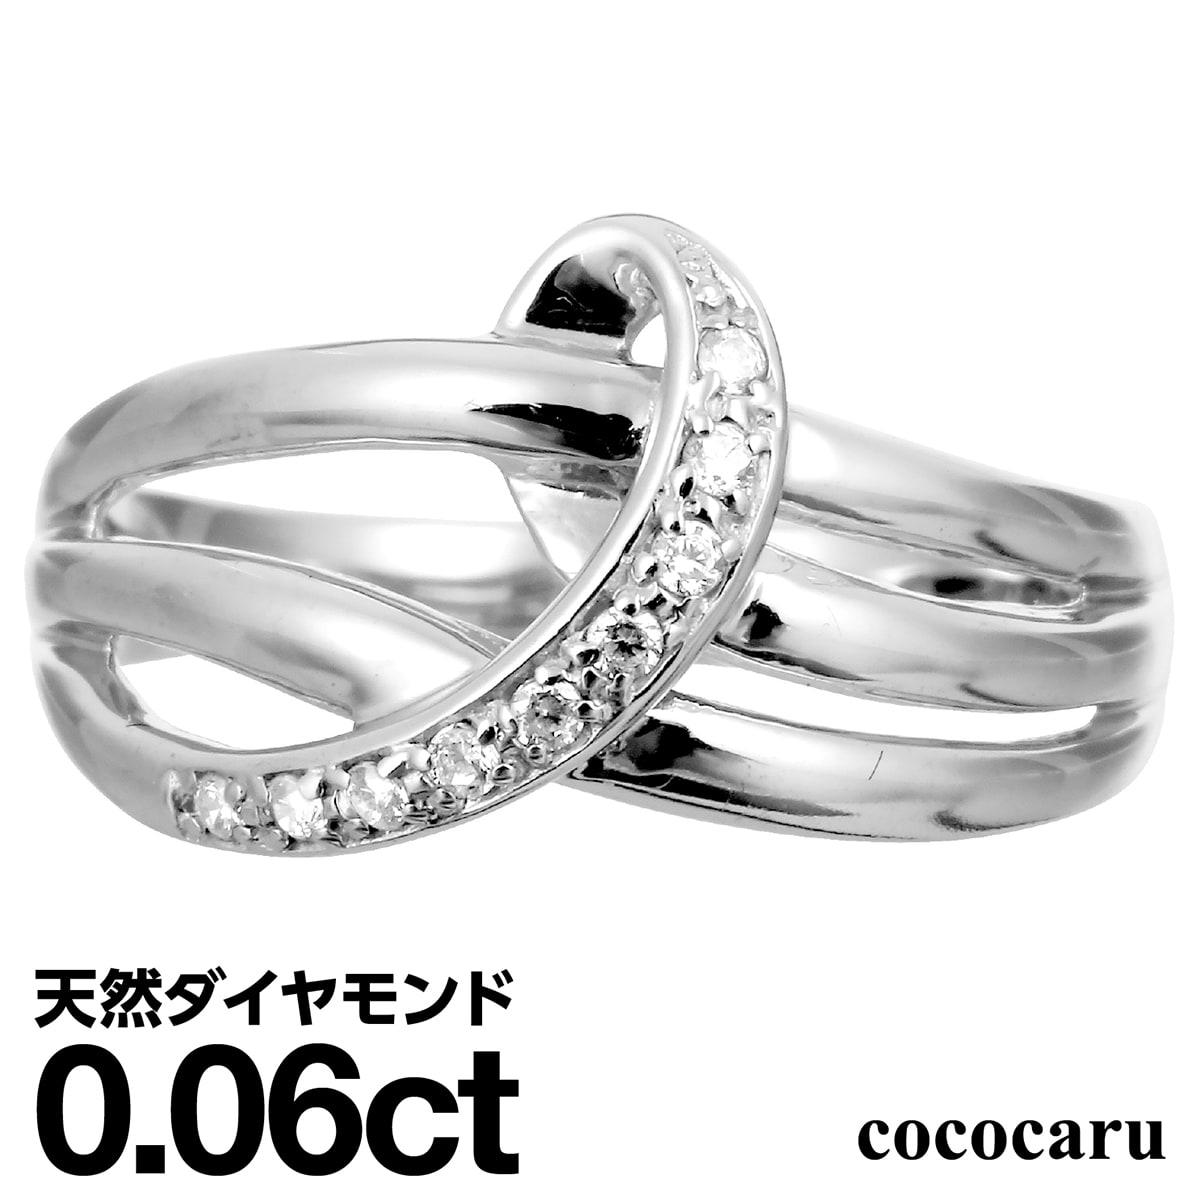 指輪 年中無休 pt900 女性 20代 30代 40代 50代 60代 ダイヤモンドリング プラチナ900 ファッションリング 日本製 プレゼント 品質保証書 ダイヤモンド お得 リング ホワイトデー smtb-s 金属アレルギー ギフト 天然ダイヤ